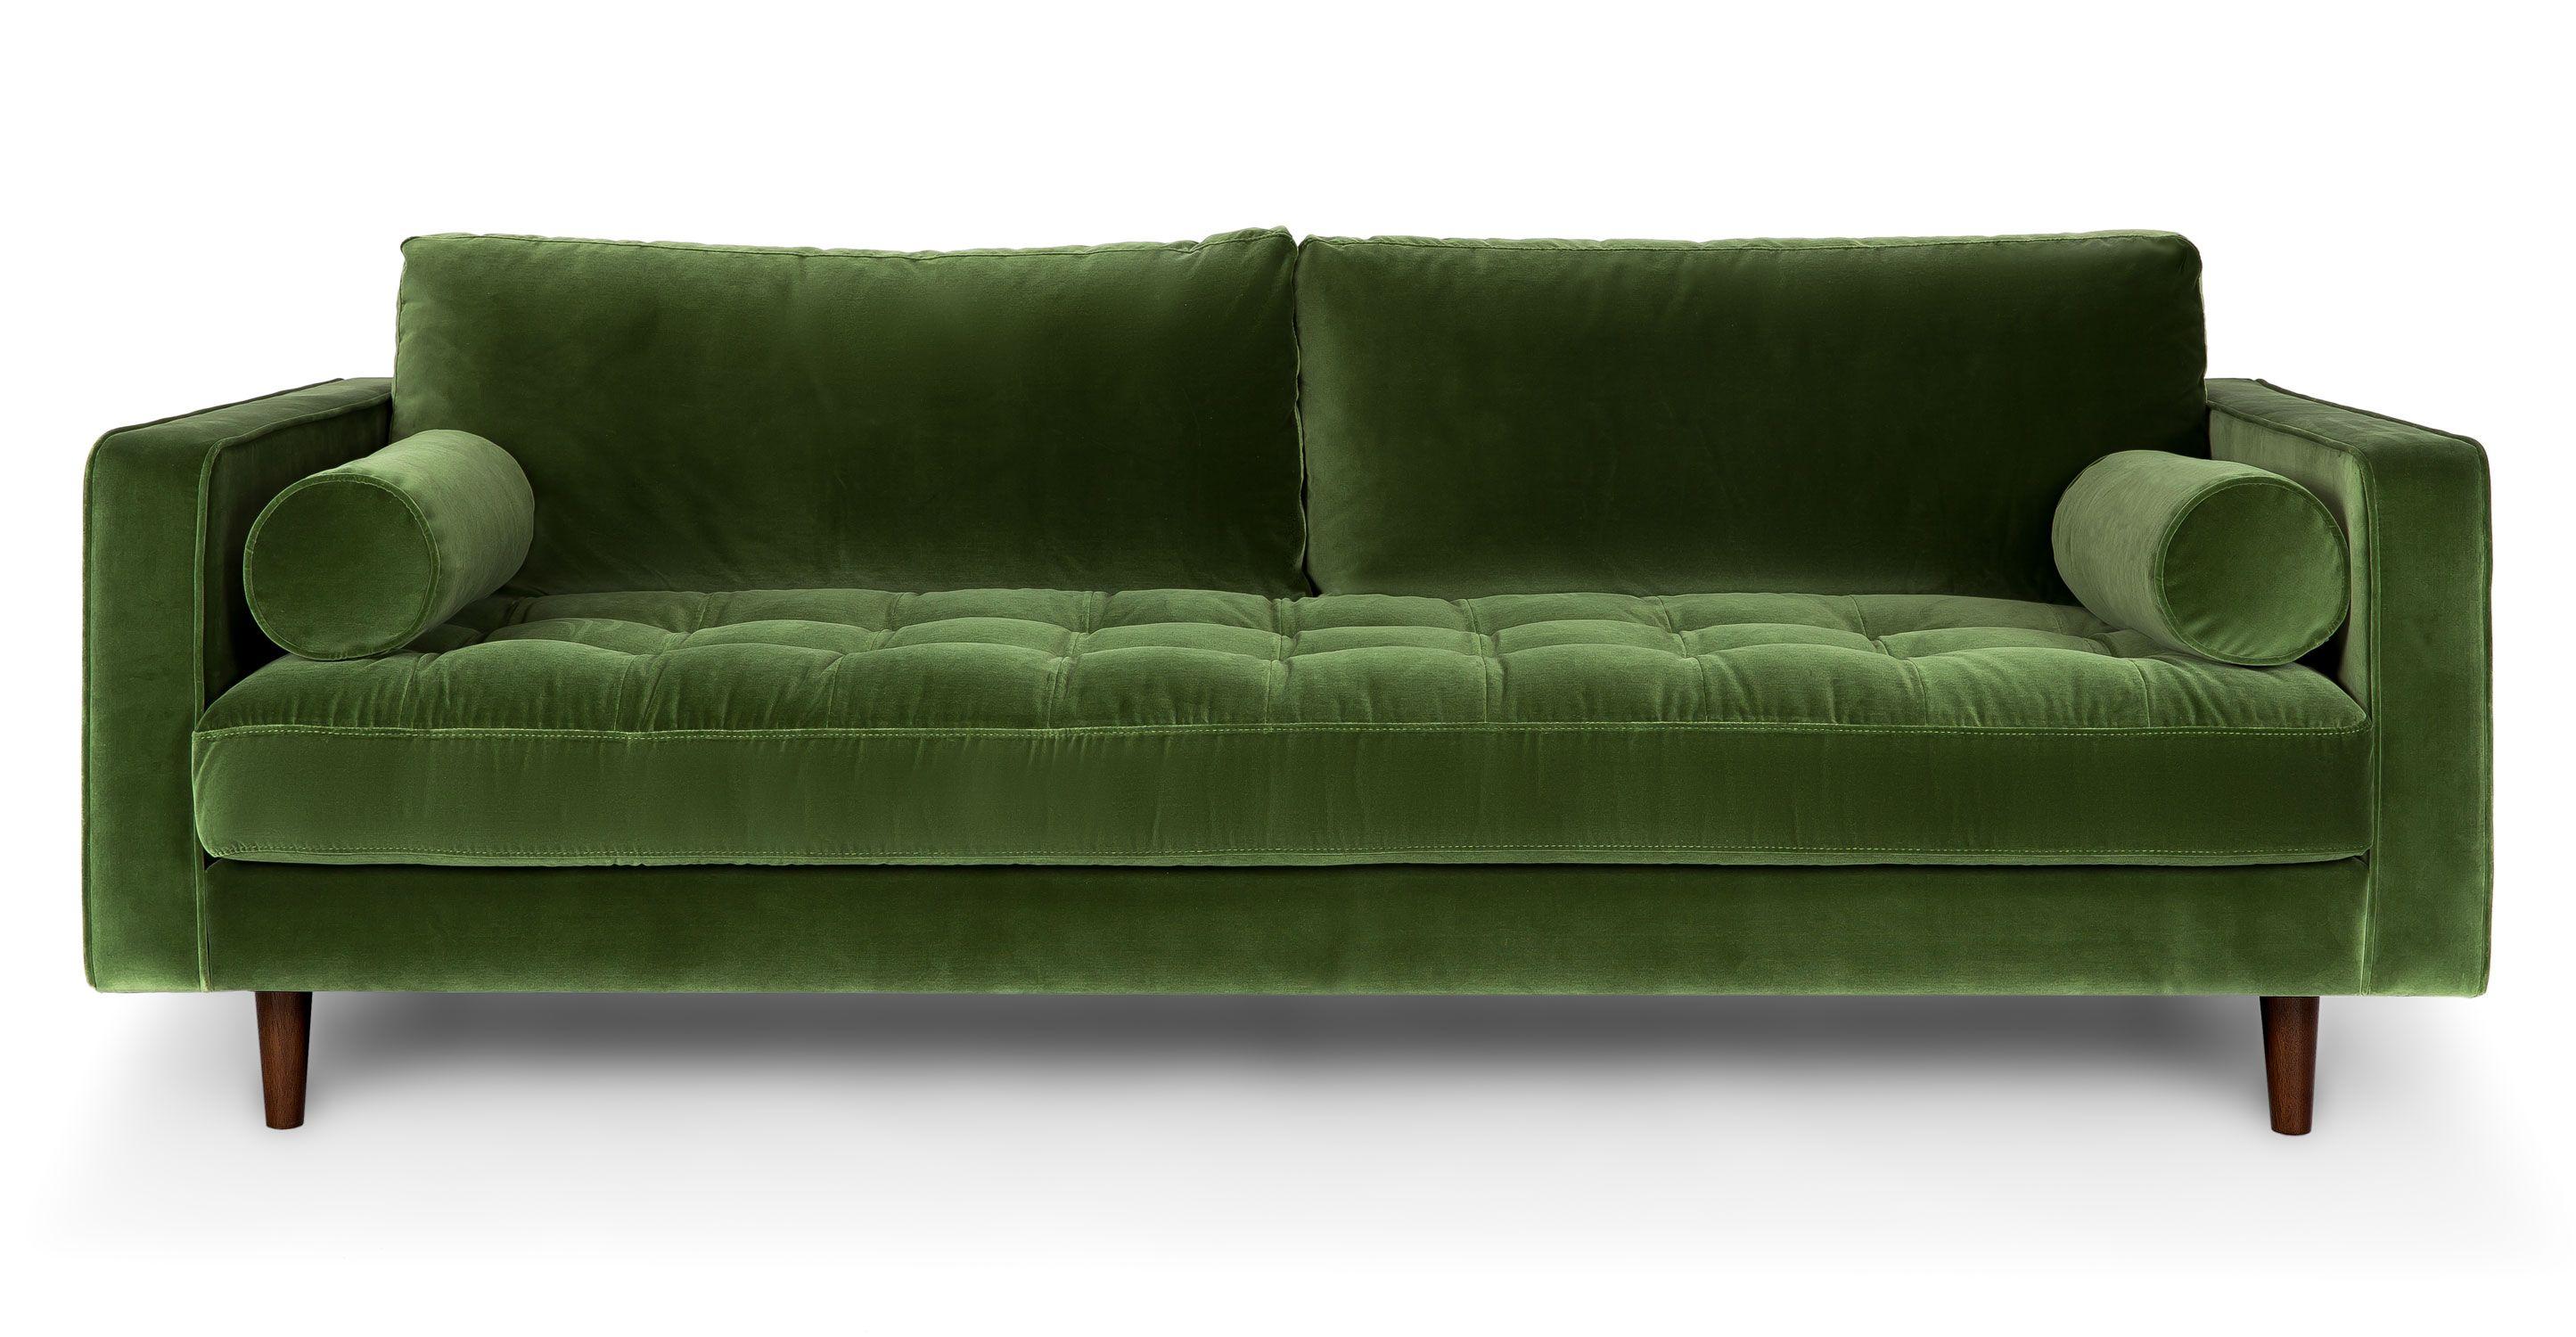 Green Velvet Tufted Sofa Upholstered